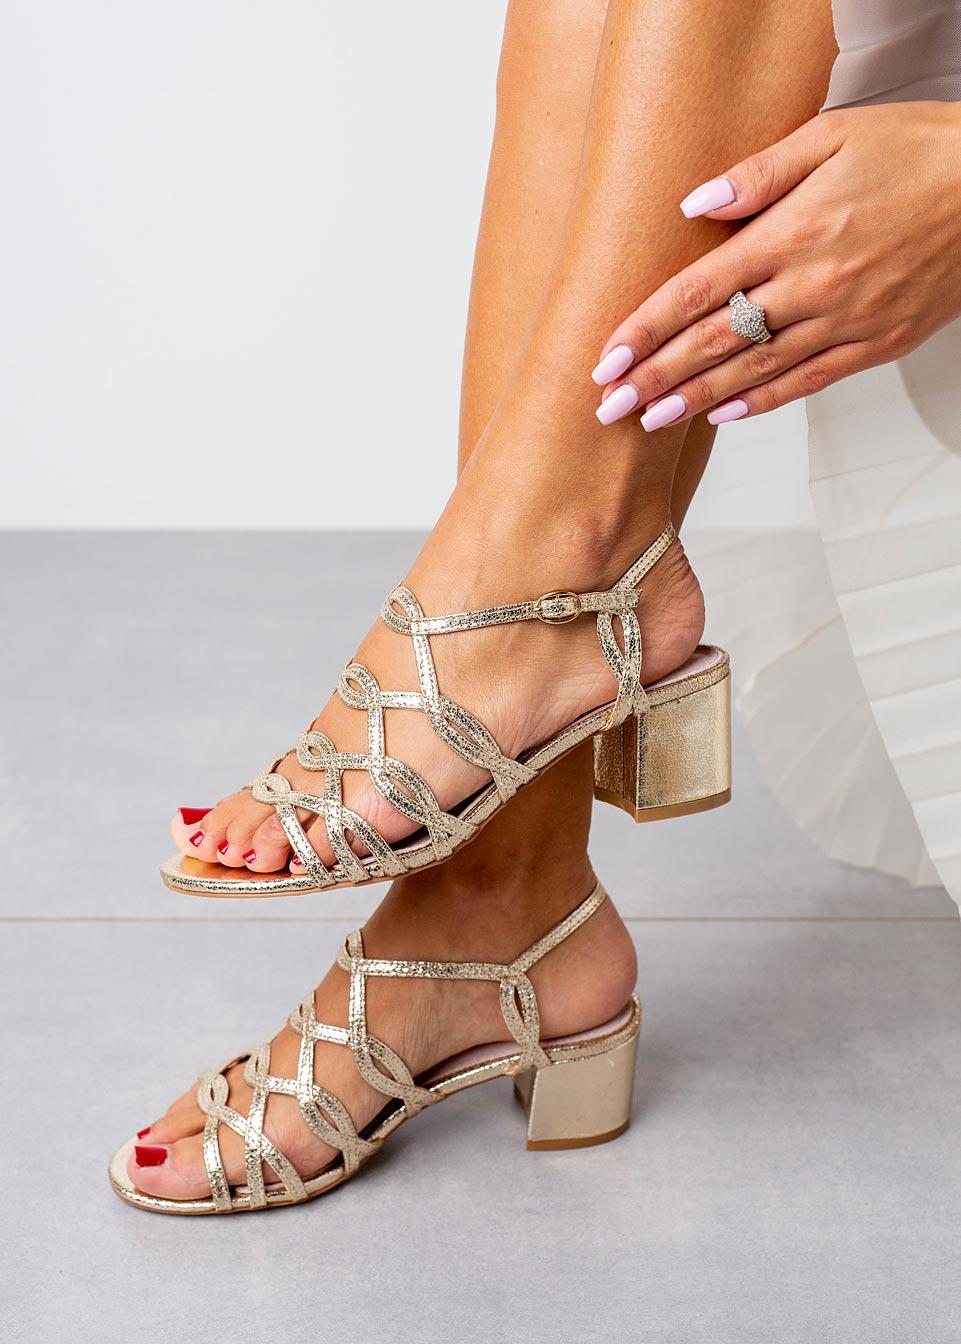 Złote sandały błyszczące ażurowe na słupku ze skórzaną wkładką Casu D20X11/G złoty